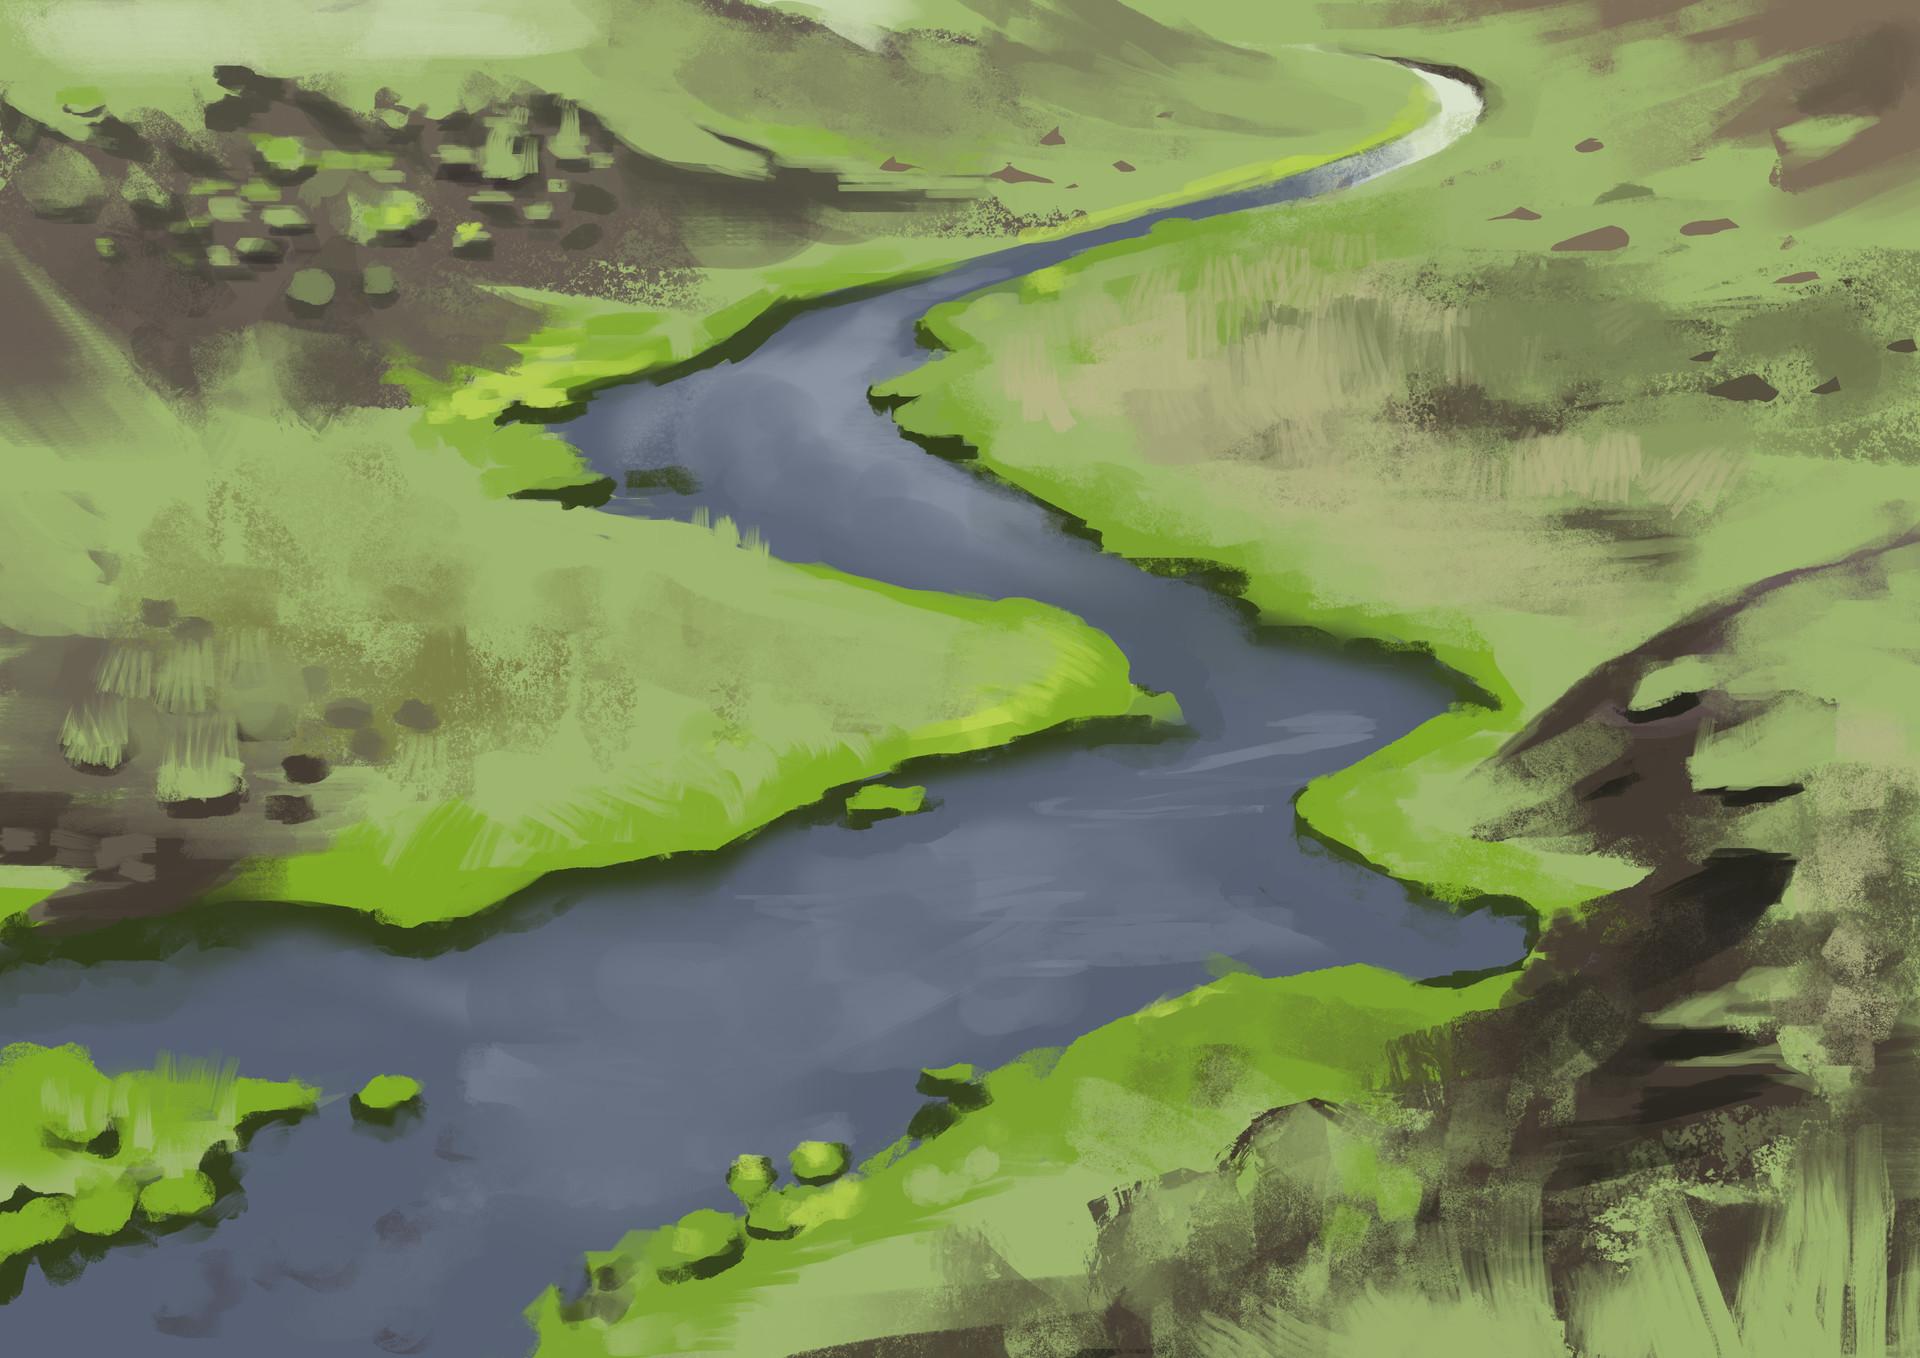 Subhelic river